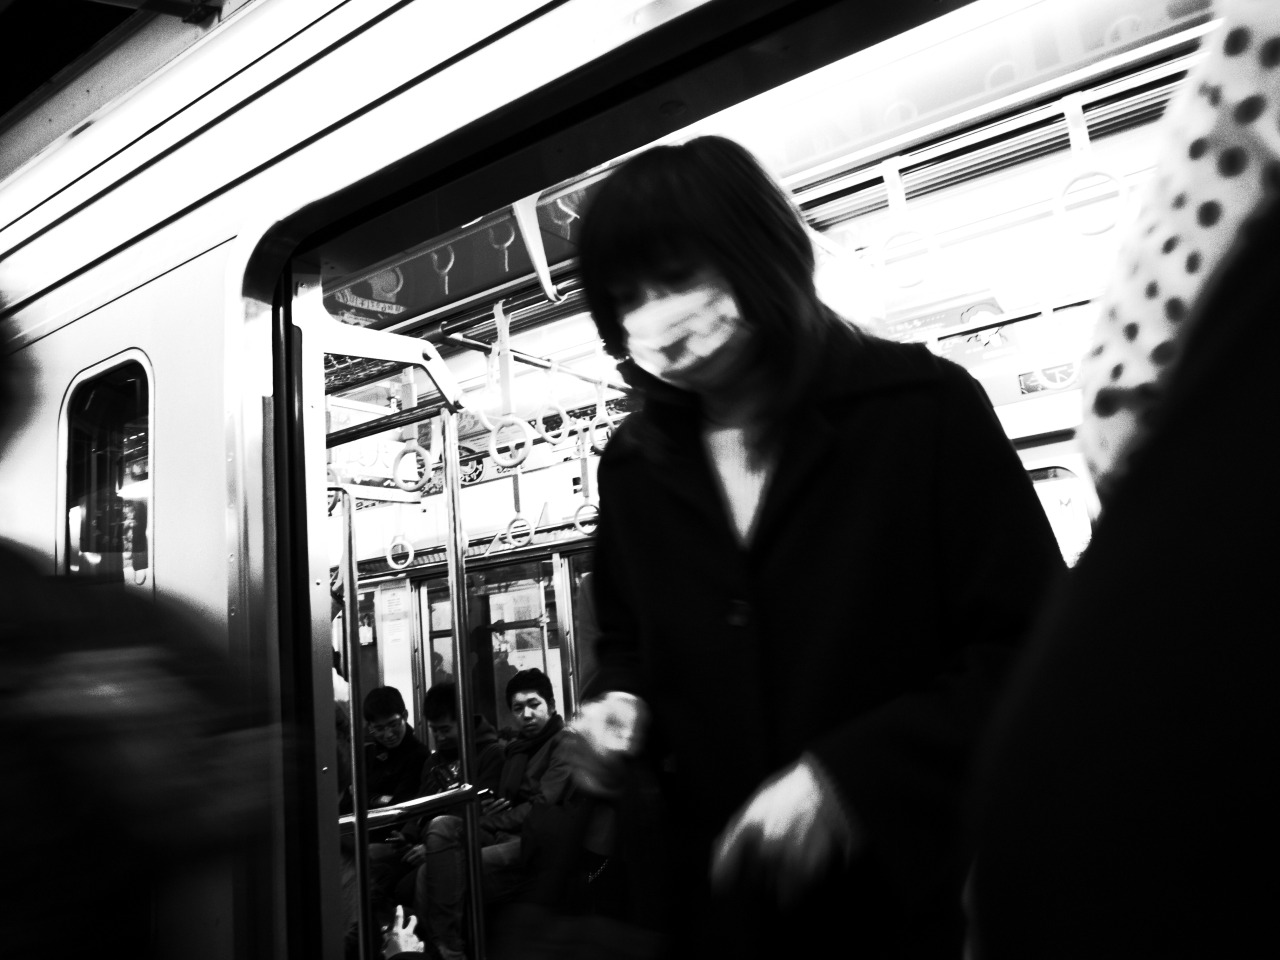 Tokyo Subway Jan. 142013